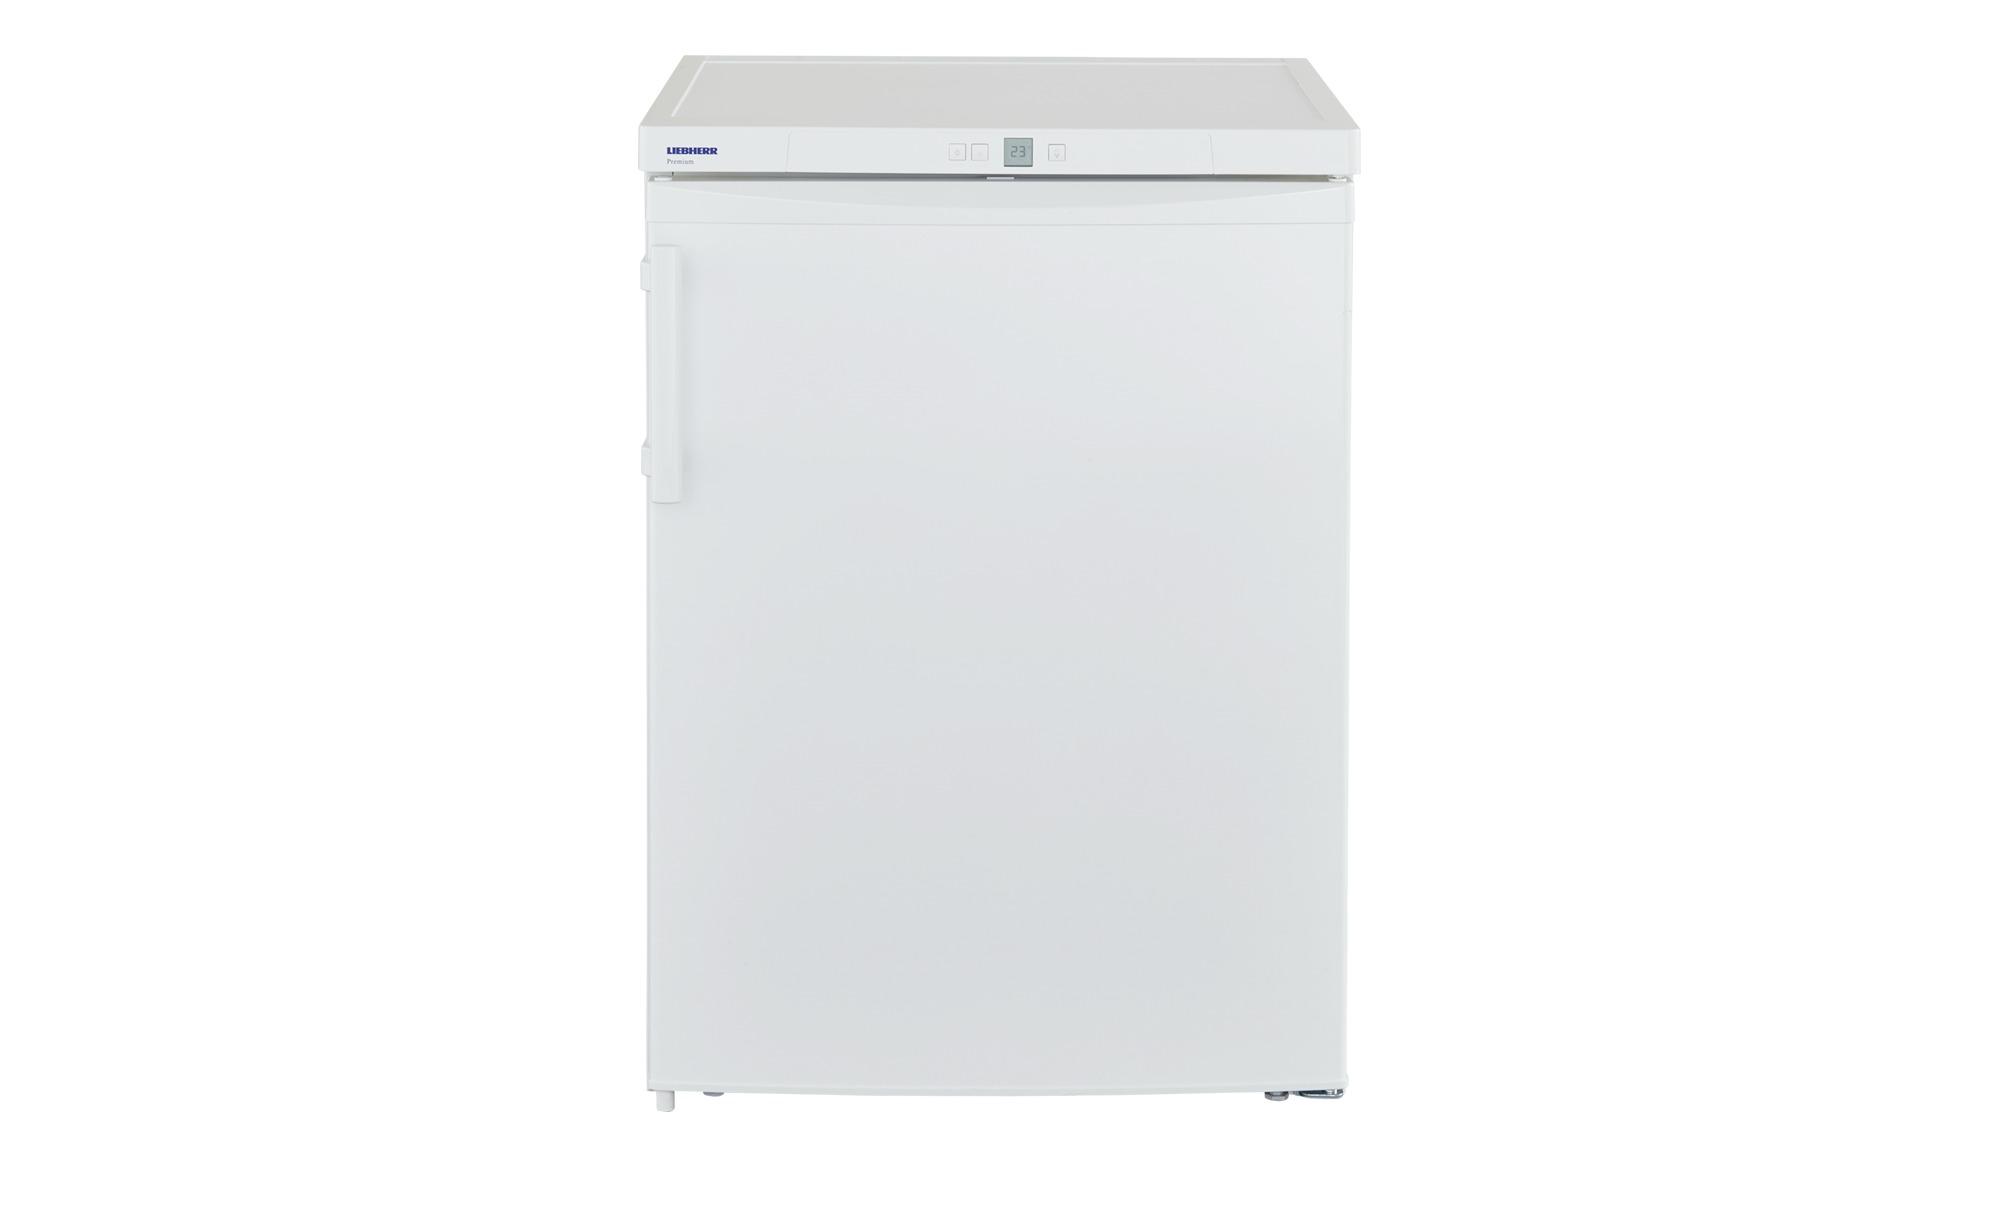 LIEBHERR Kühlschrank  TP1760-22 - weiß - Metall-lackiert, Kunststoff, Glas - 60,1 cm - 85 cm - 62,8 cm - Elektrogeräte > Kühlschränke - Möbel Kraft | Küche und Esszimmer > Küchenelektrogeräte > Kühlschränke | LIEBHERR